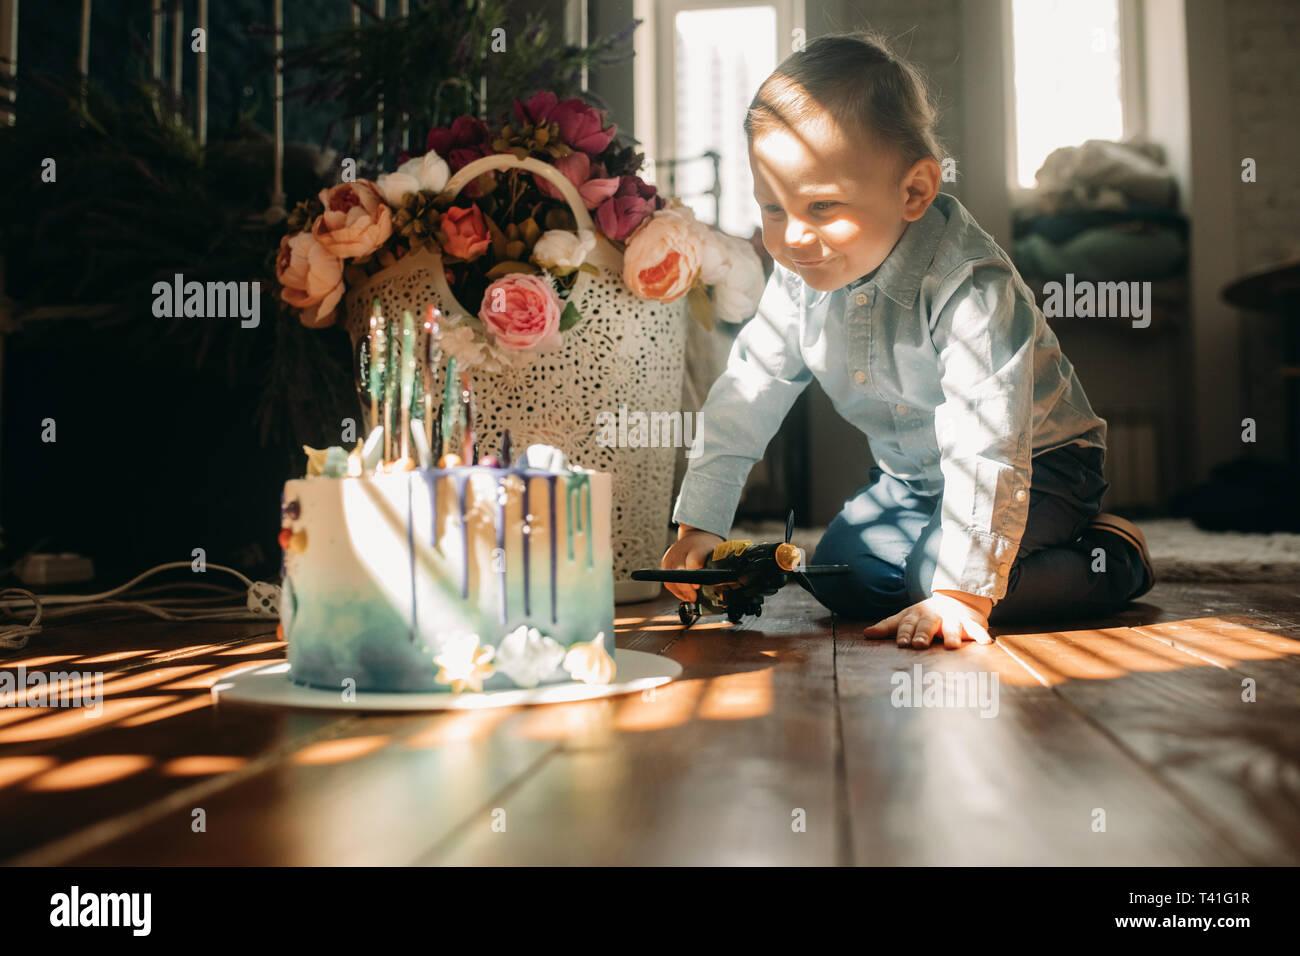 Kleinkind Junge sitzt auf dem Boden in der Nähe der Torte auf dem Hintergrund der Blumen. Stockfoto